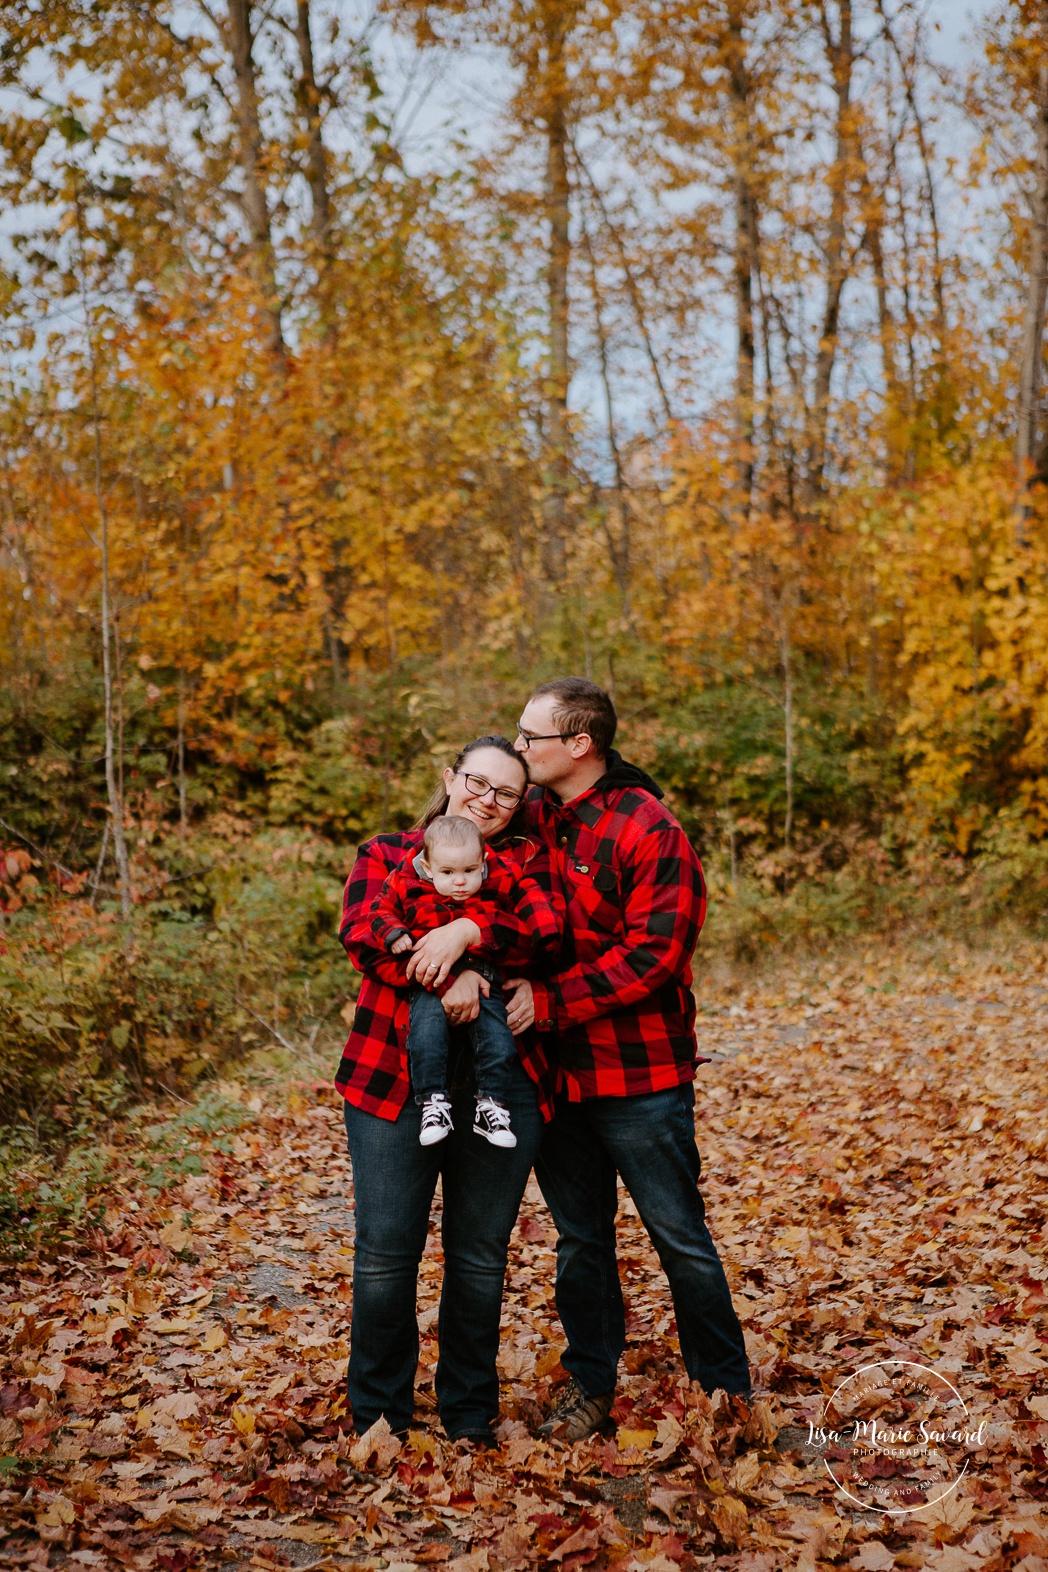 Séance familiale à Montréal. Photos de famille à Montréal. Photographe de famille à Montréal. Montreal family photographer. Montreal family photos.